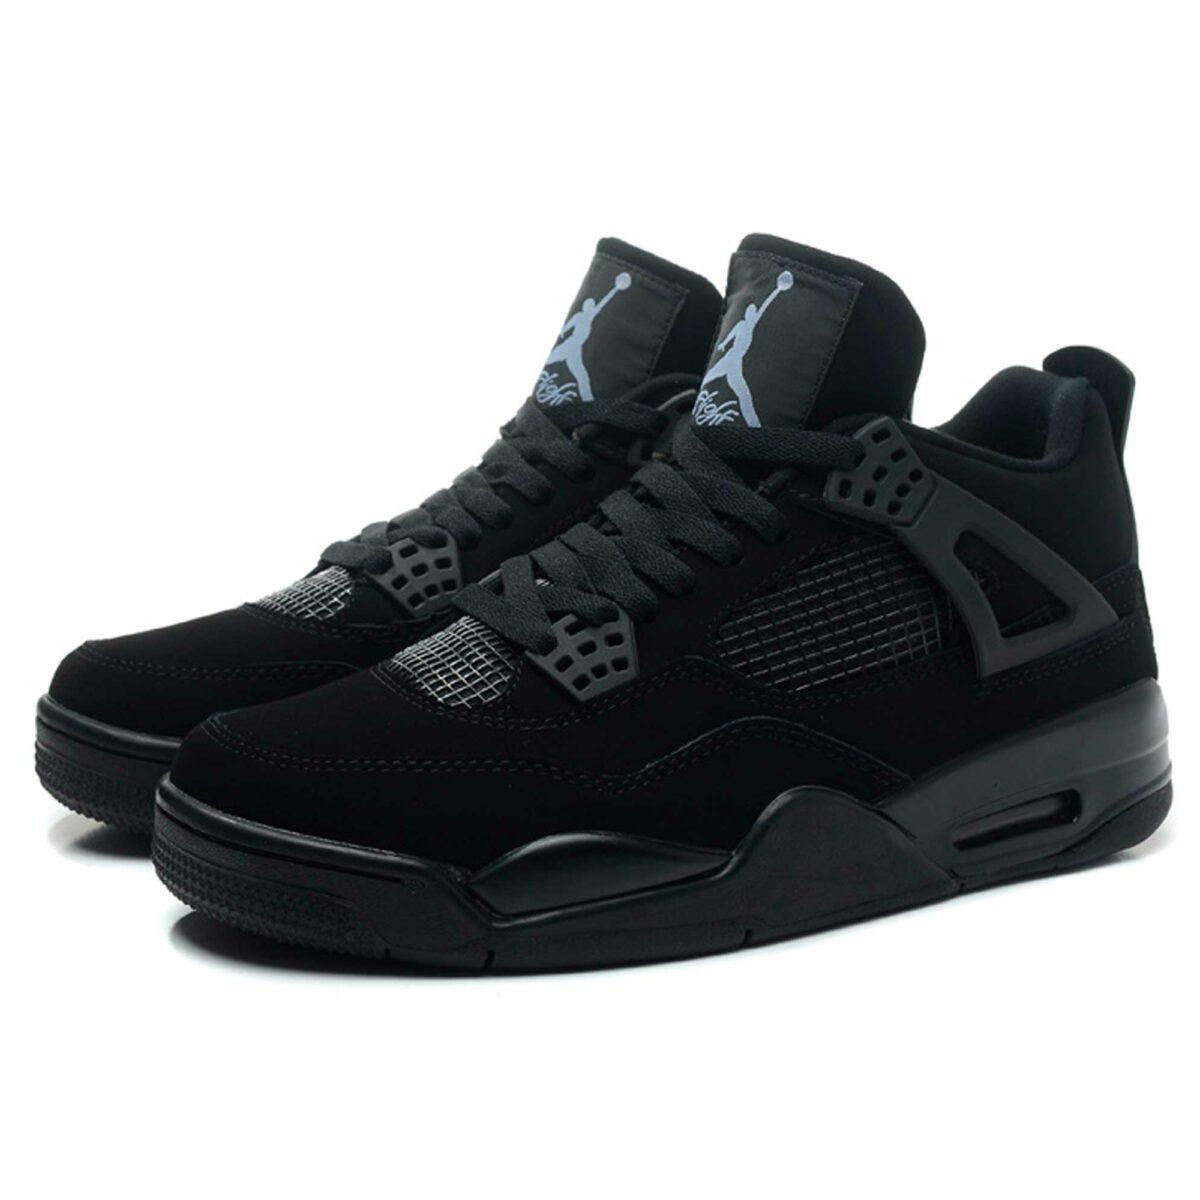 nike air jordan black cat 308497-002 купить